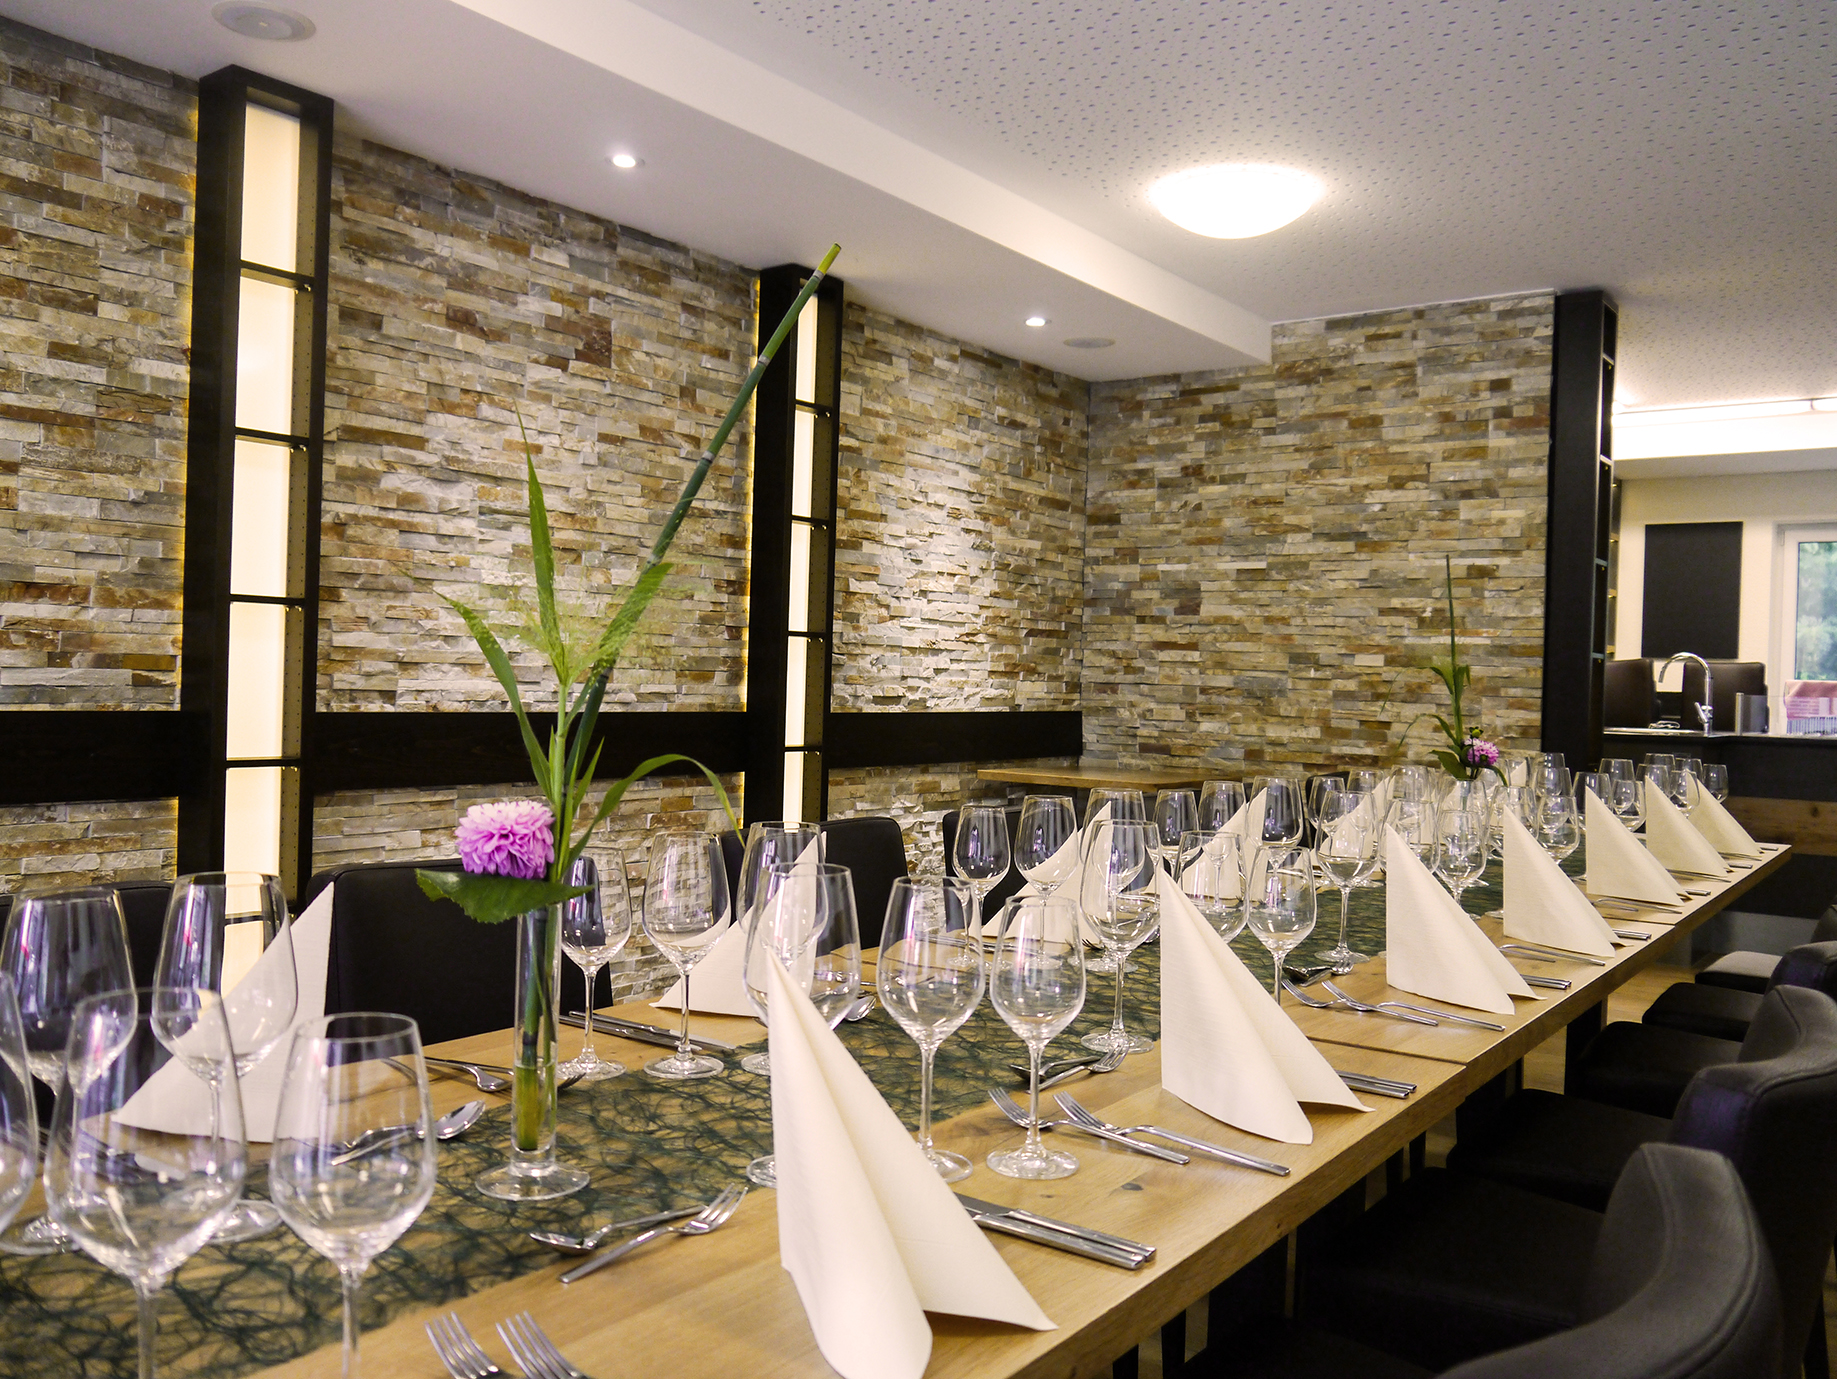 Weinstube Tischreihe Firmenveranstaltung Weingläser Besteck Blume